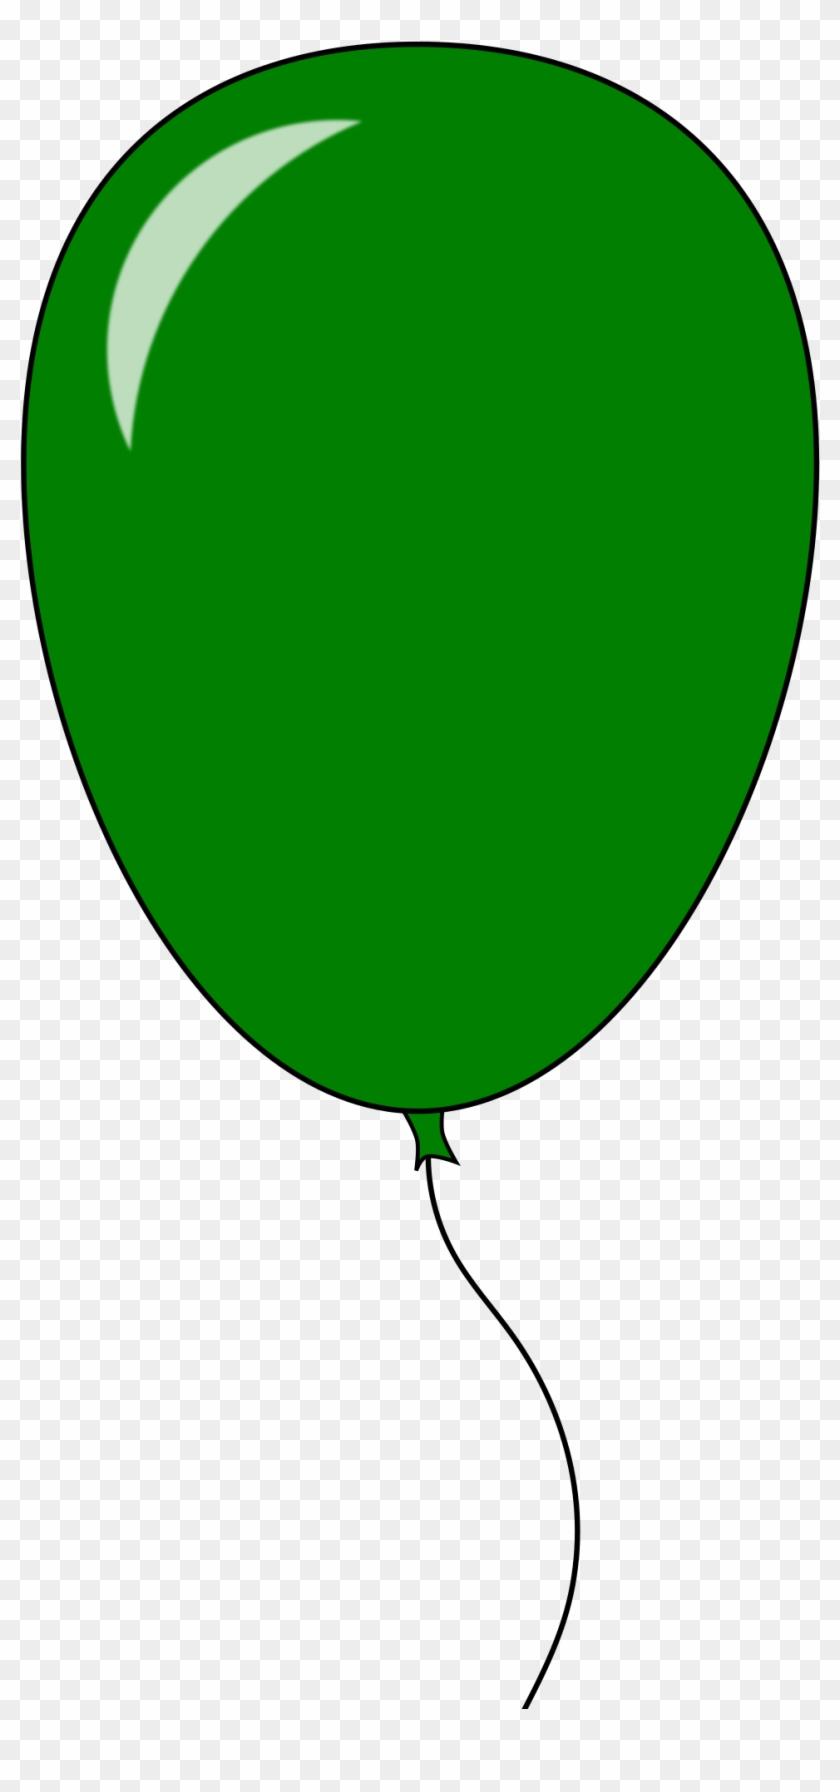 Balloon - Green Balloon Clip Art #20053